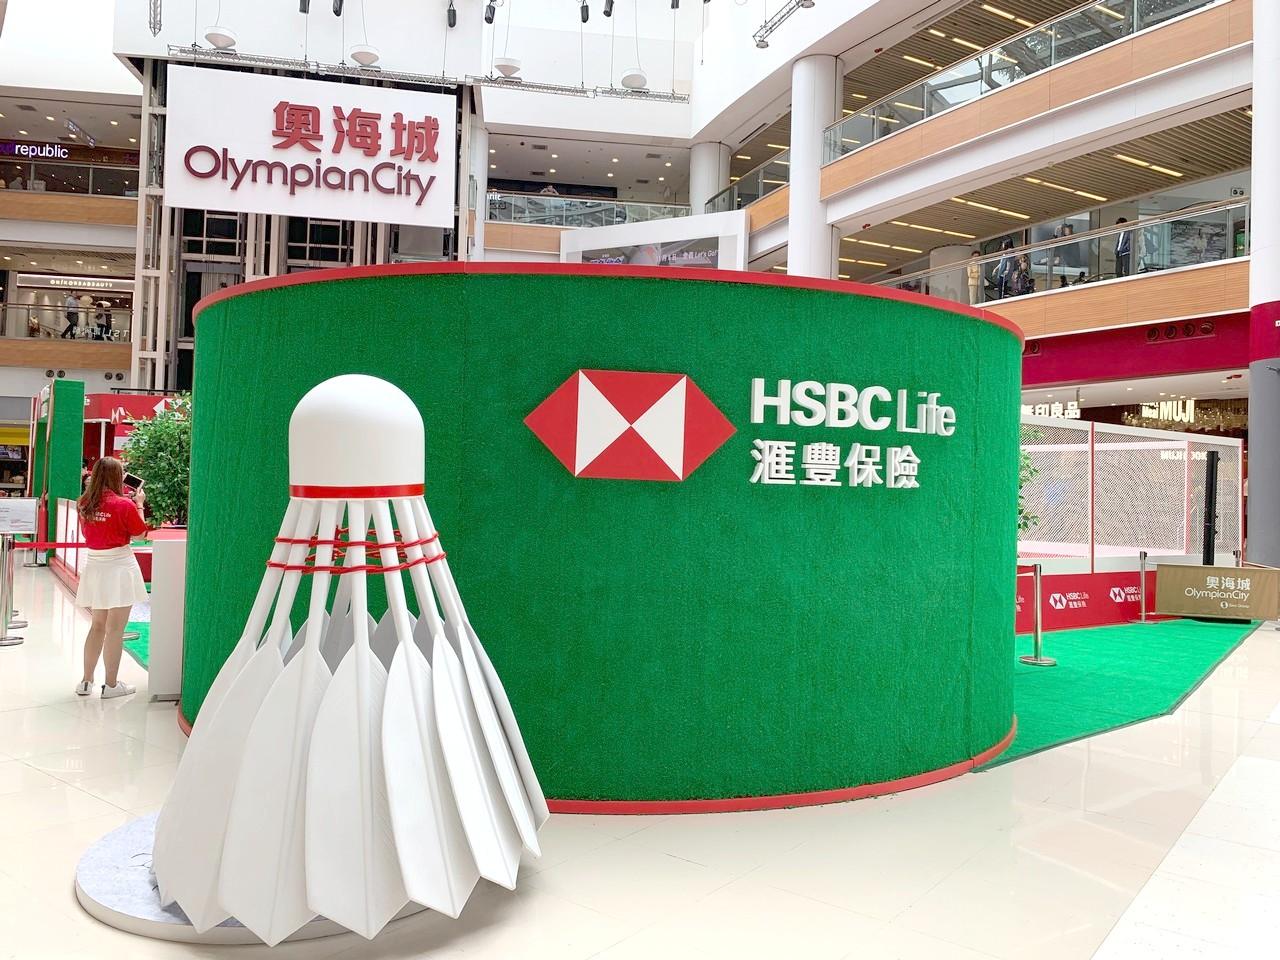 HSBC Life 滙豐保險